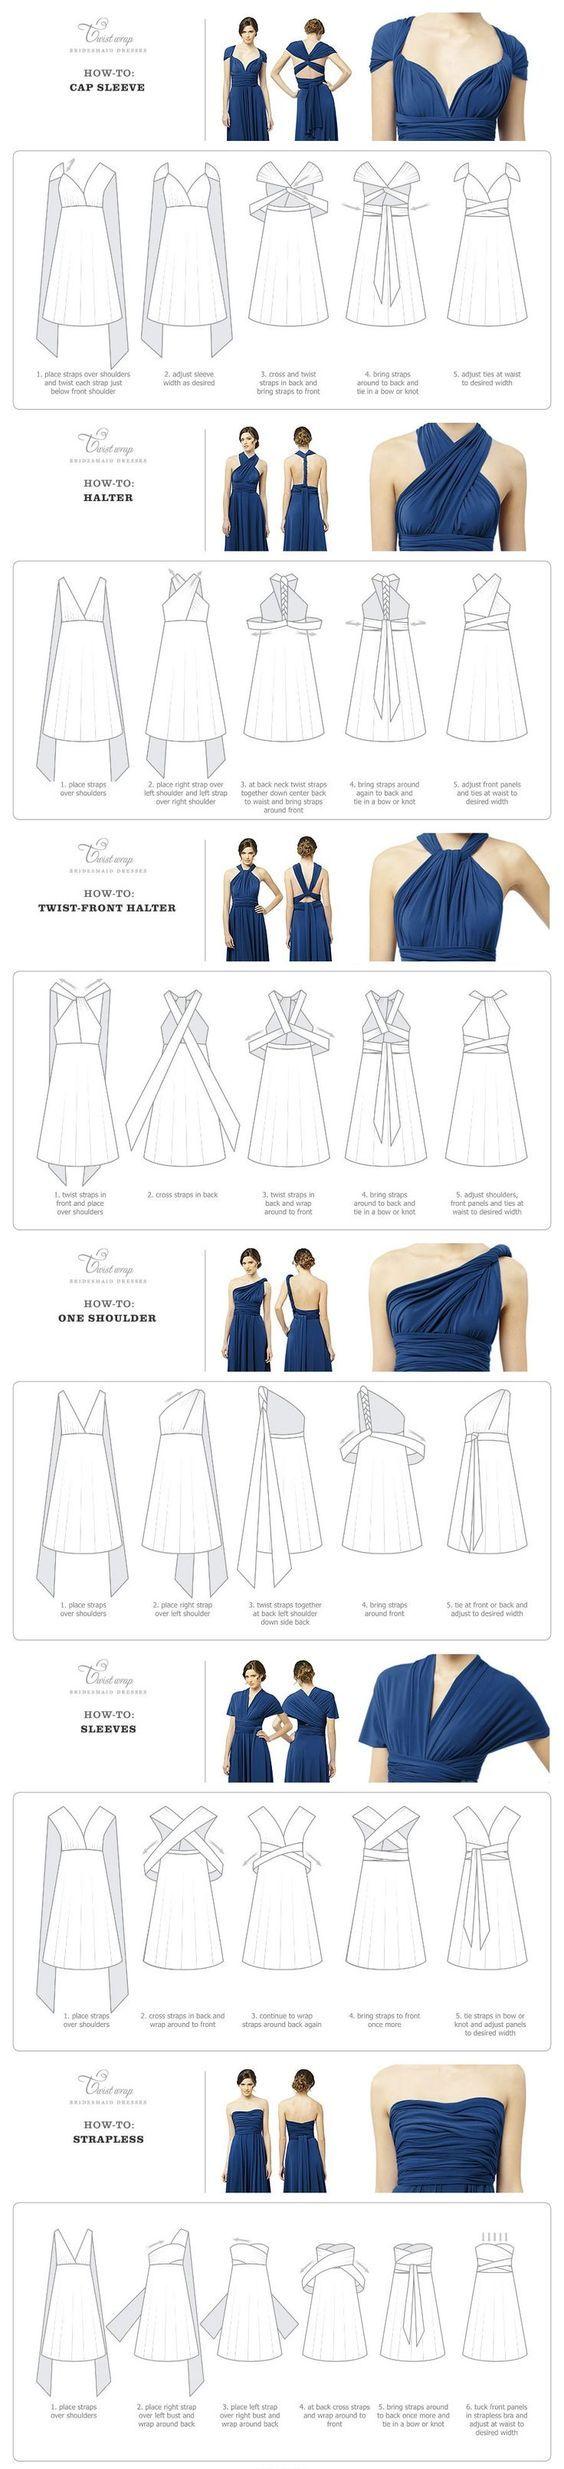 Twist Wrap Dress - How-To-Wear Instructions